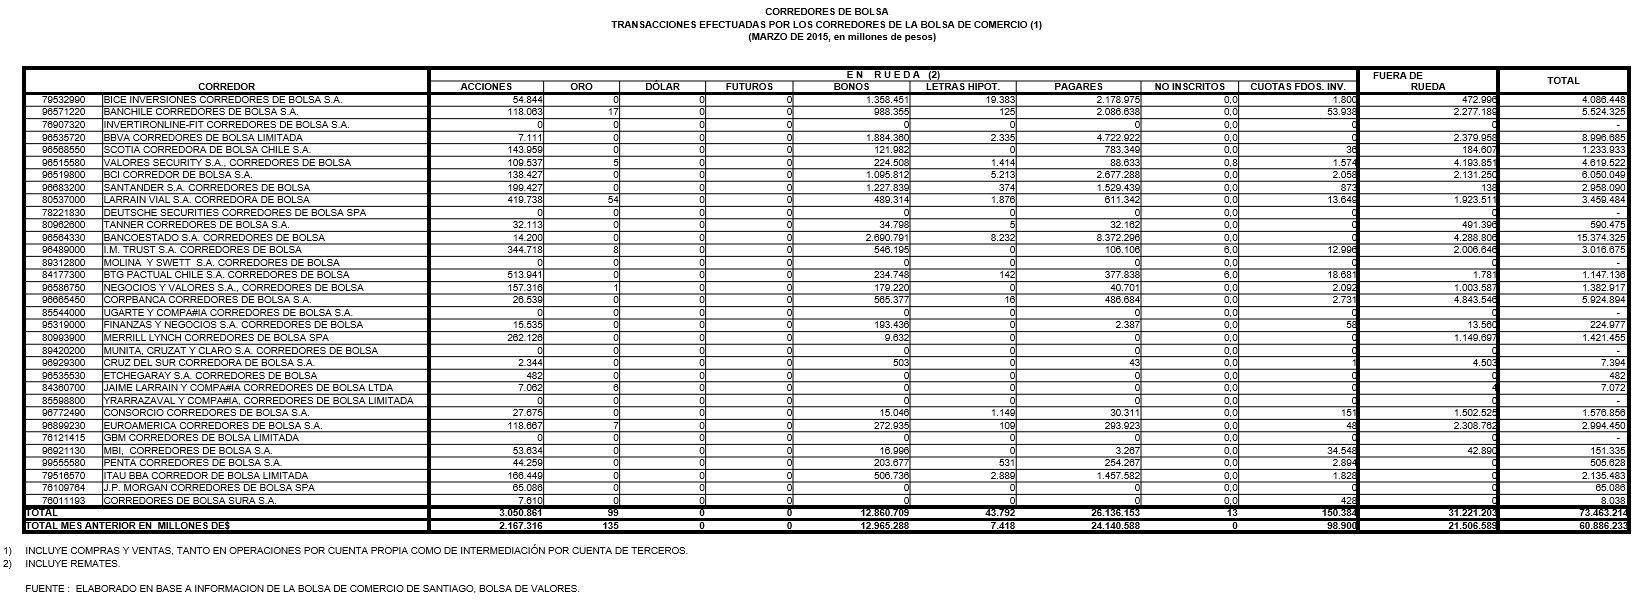 Mejores Corredores de Bolsa de Chile 2017: Transacciones efectuadas